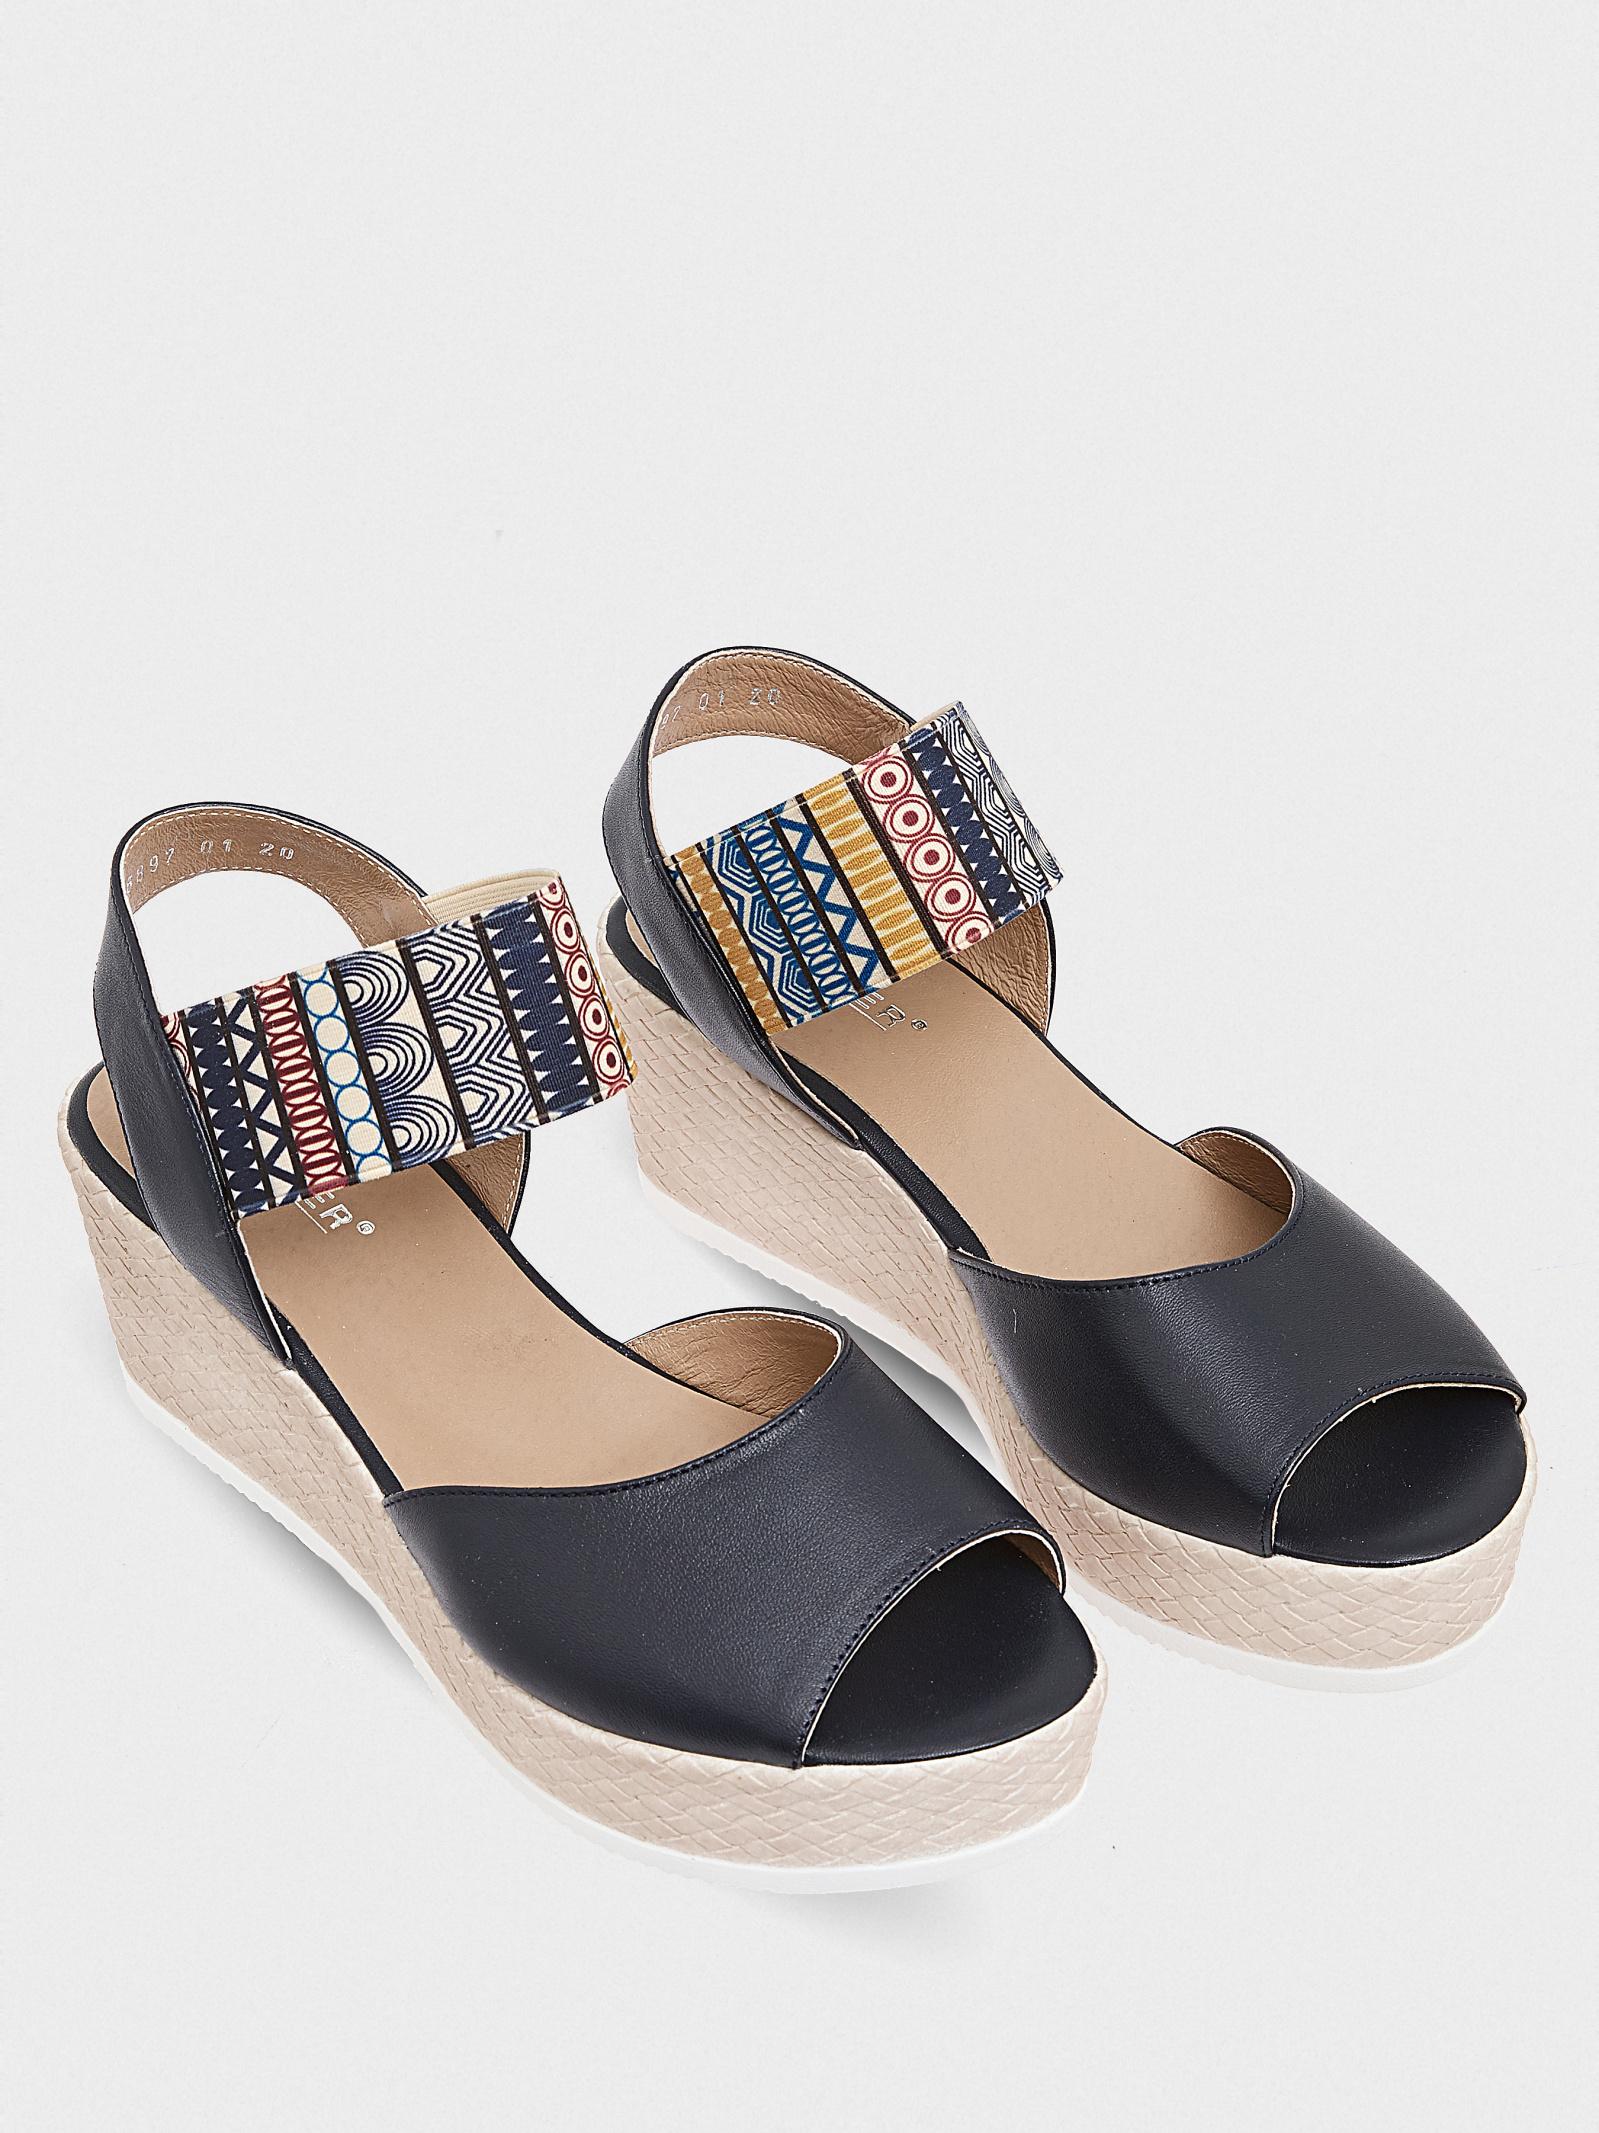 Босоніжки  для жінок Стептер 6897-1 модне взуття, 2017